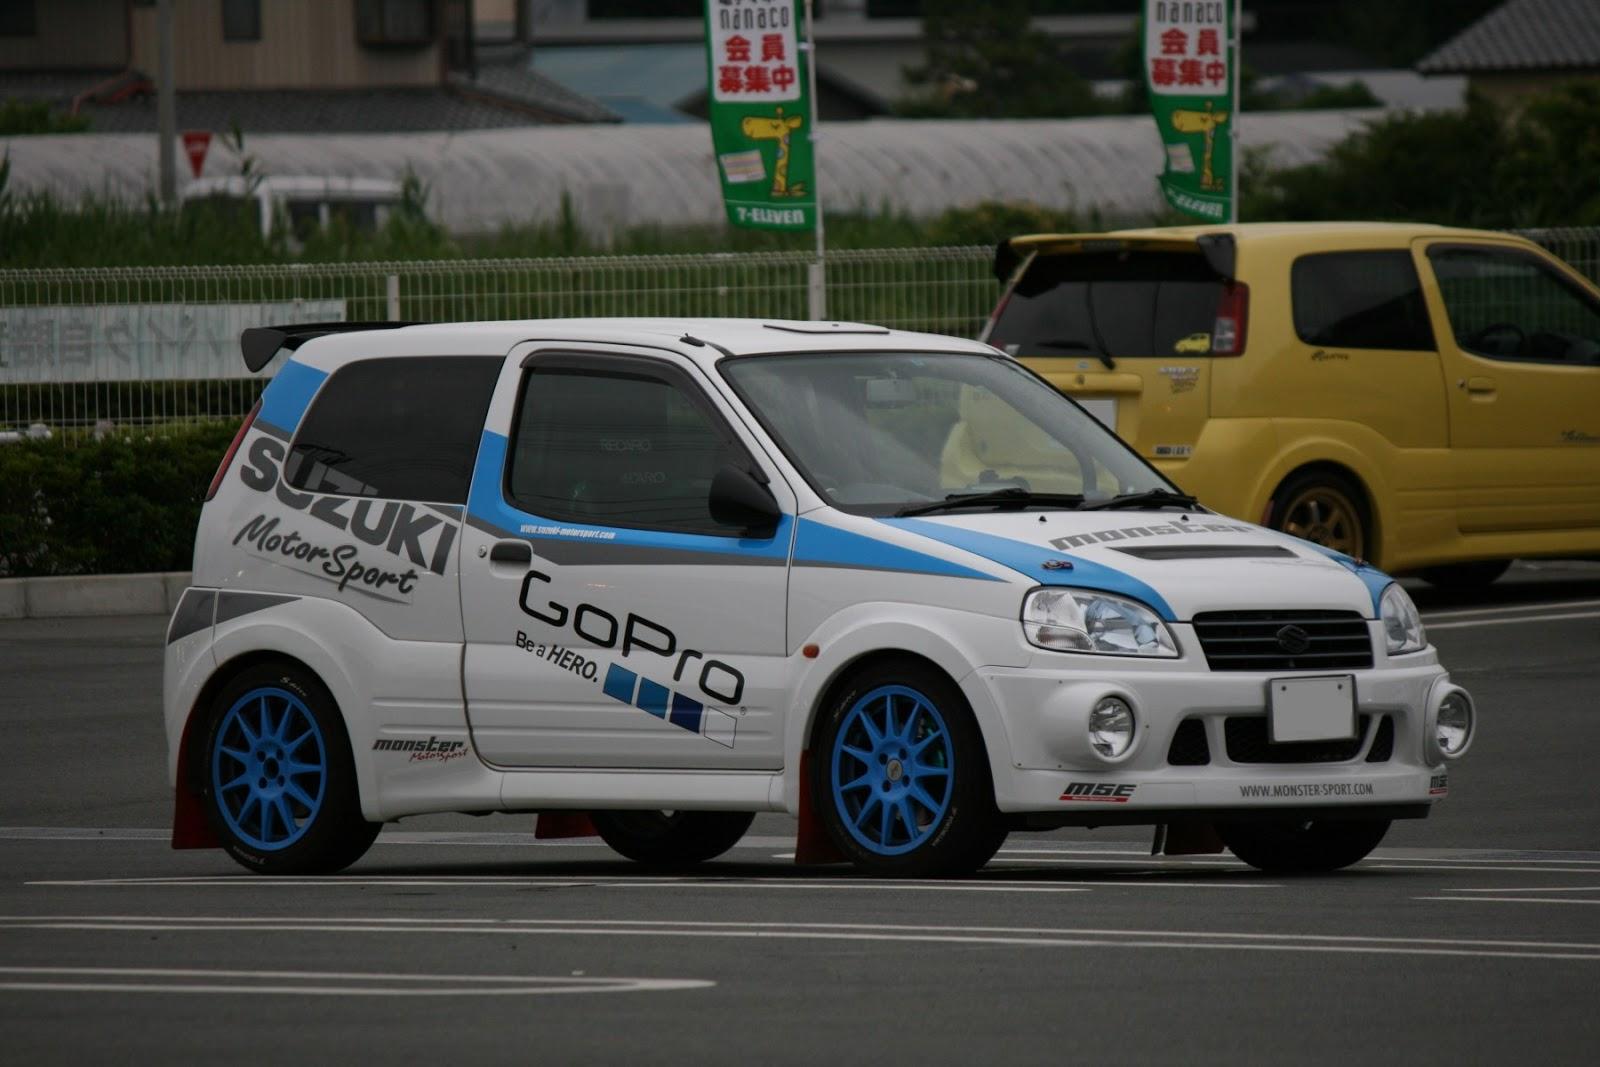 Suzuki Ignis, samochód po tuningu, japoński hatchback, niebieskie felgi, blue rims, fotki, zdjęcia